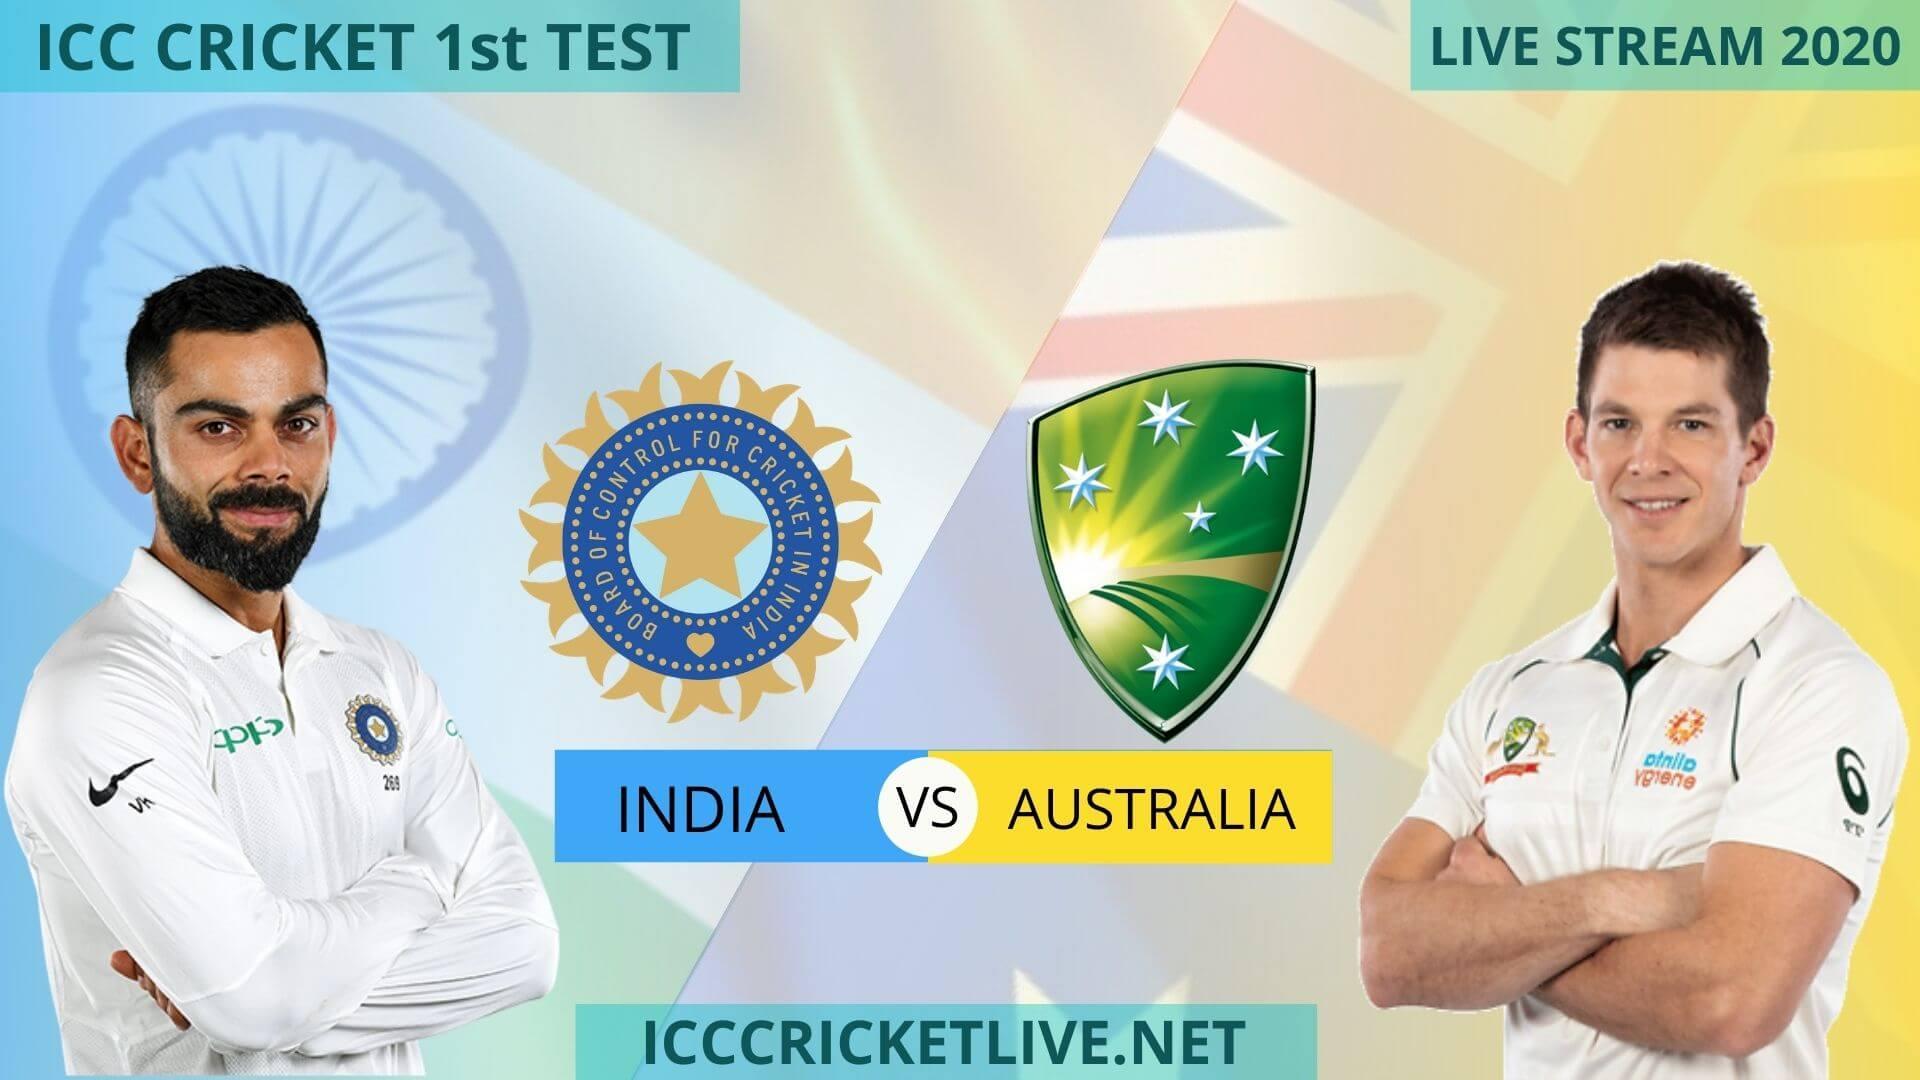 India Vs Australia Live Stream 2020 | 1st Test | Day 2